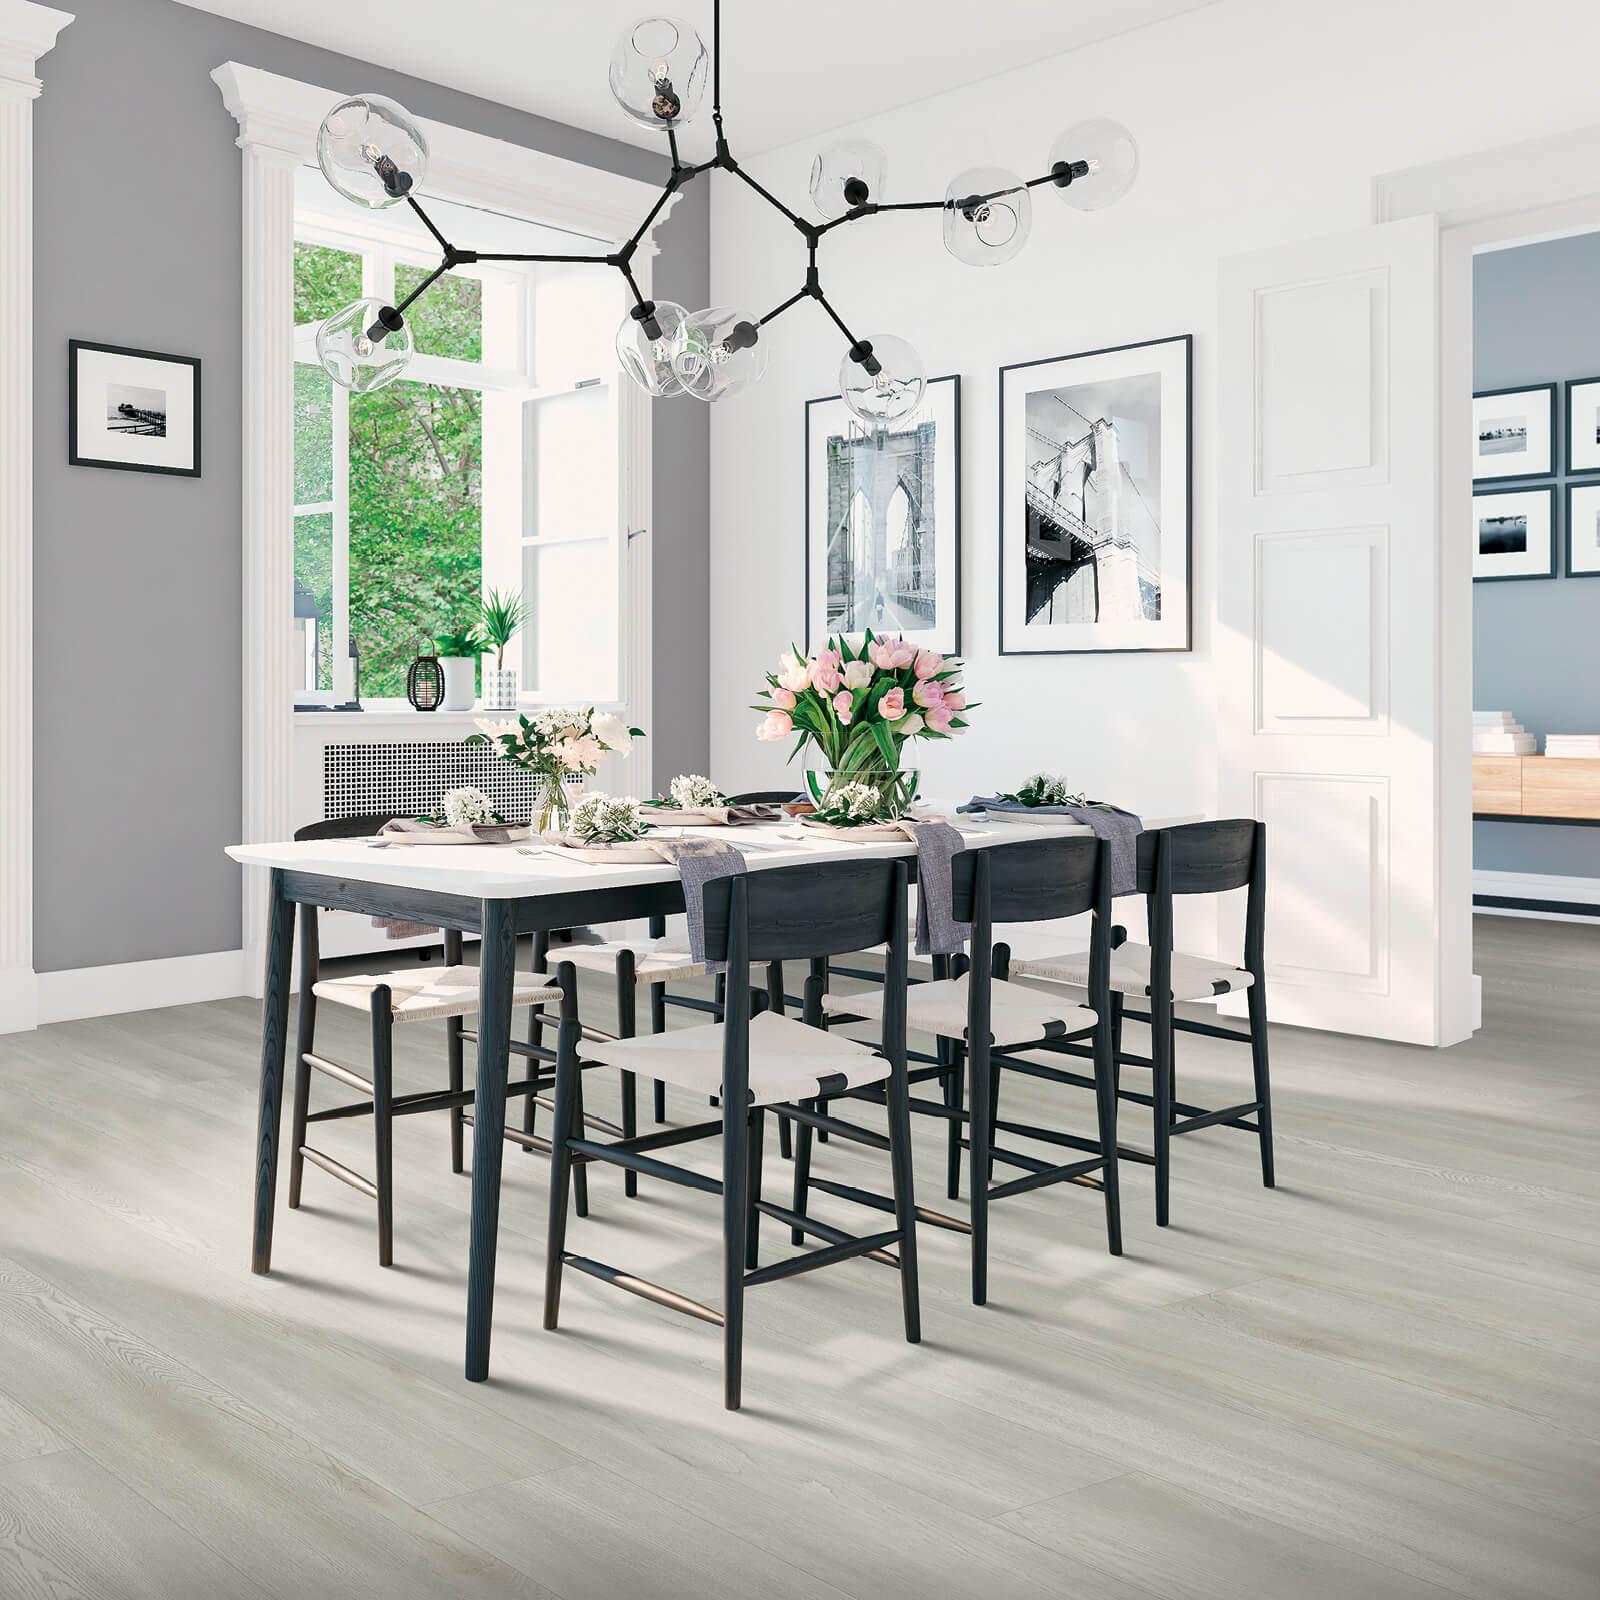 Dining room flooring | McSwain Carpet & Floors